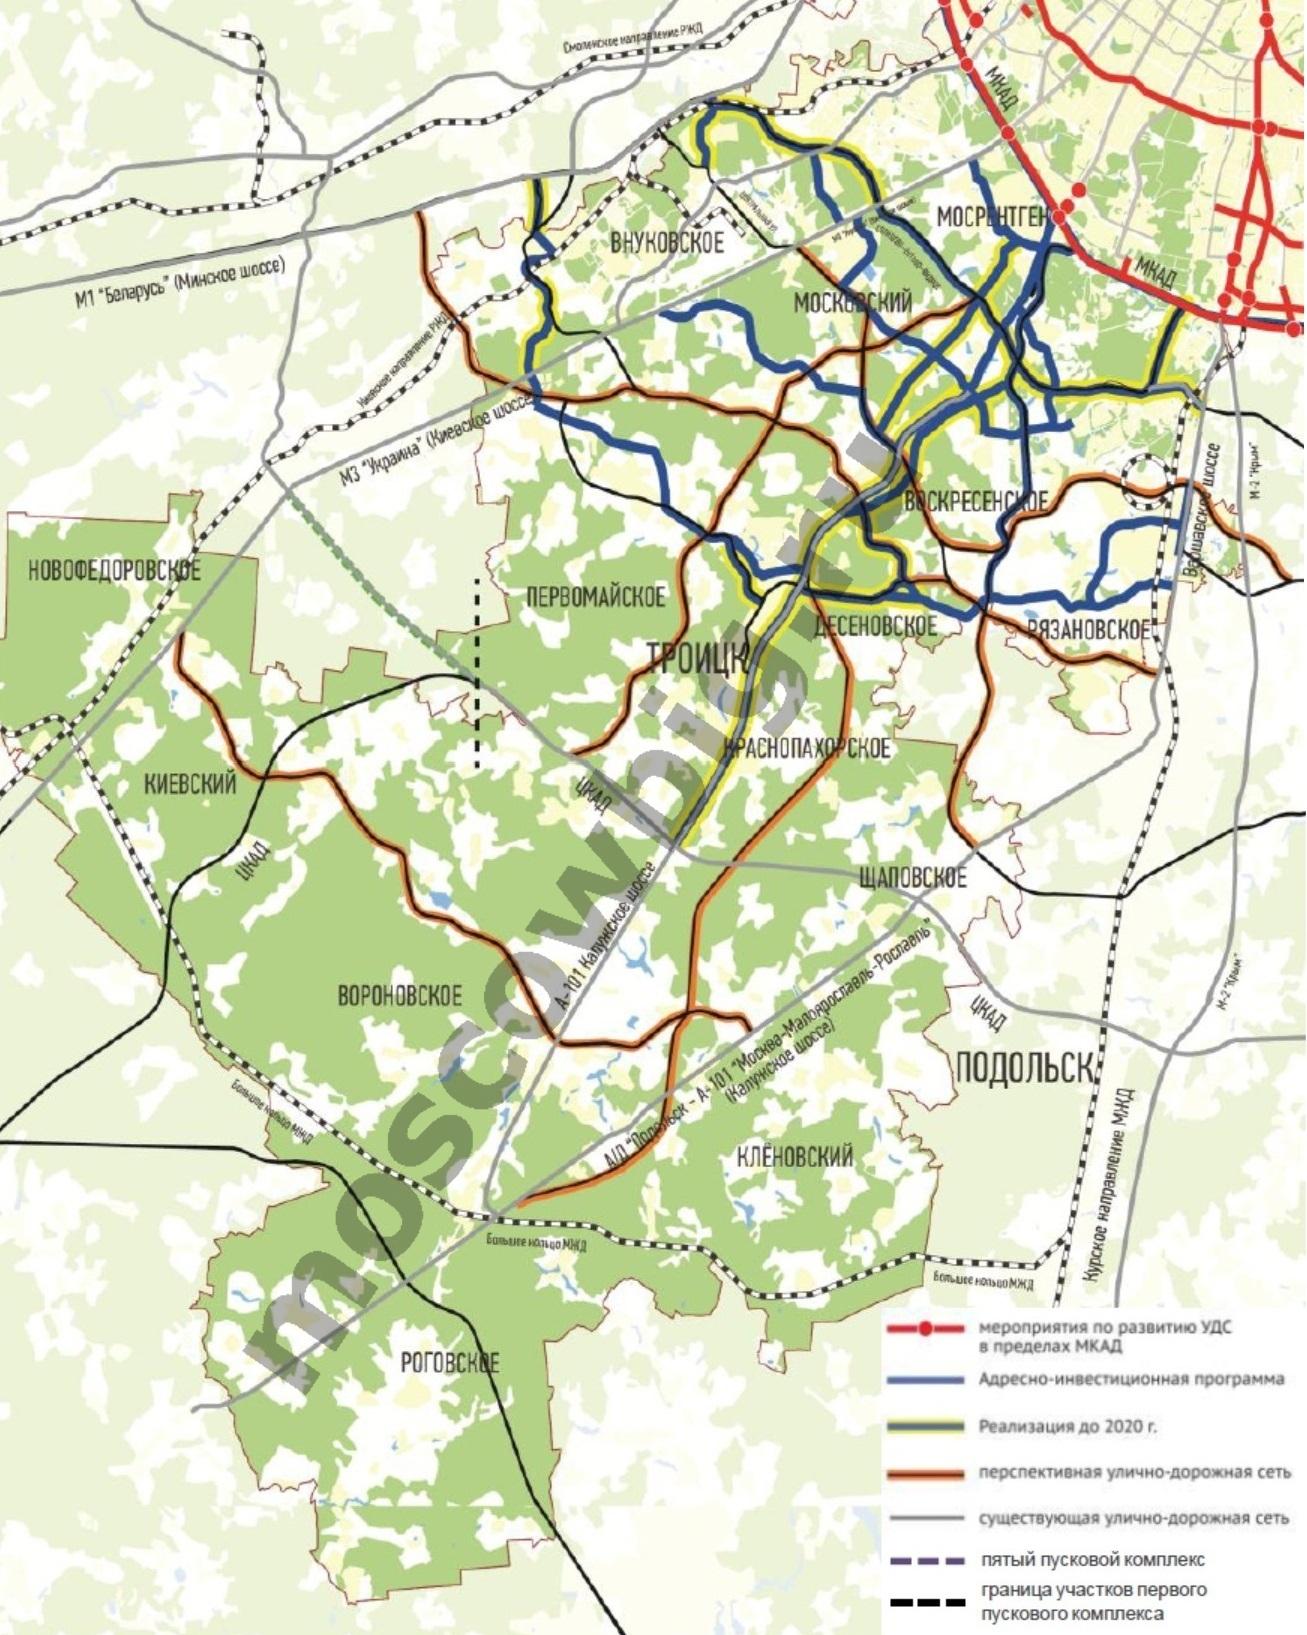 Схема развития уличной-дорожно сети ТиНАО до 2020 года